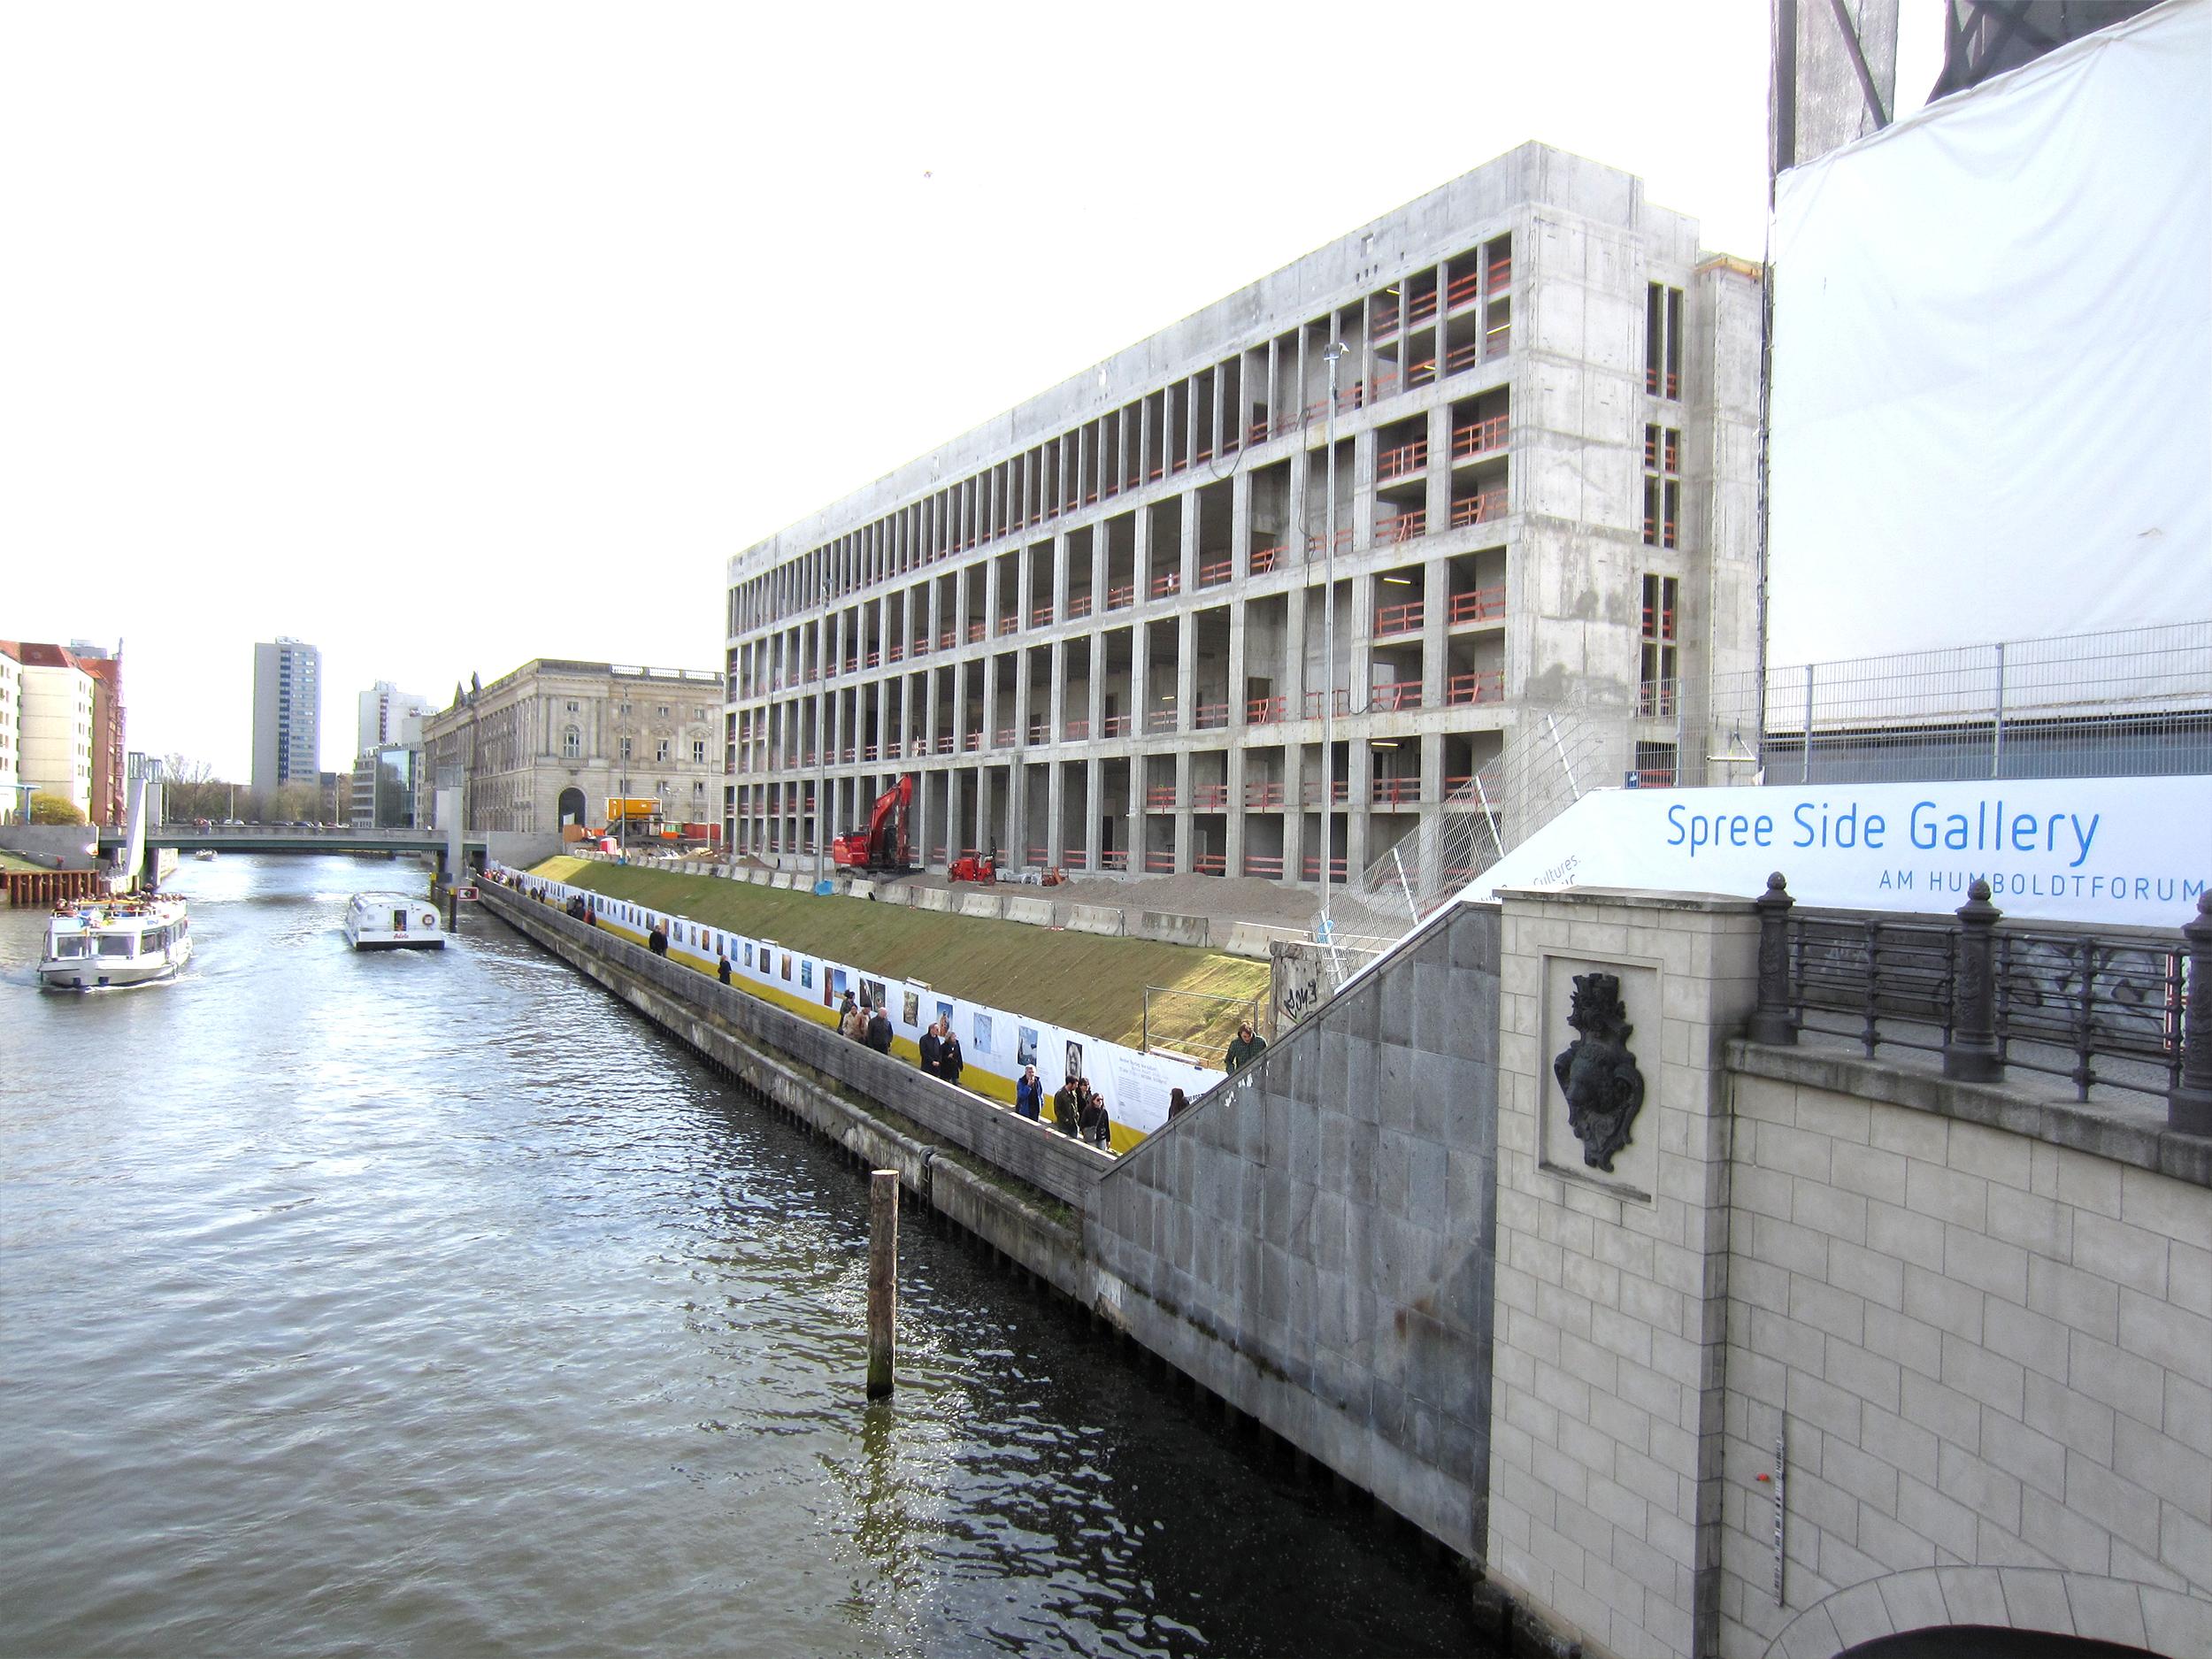 Spreeside Gallery